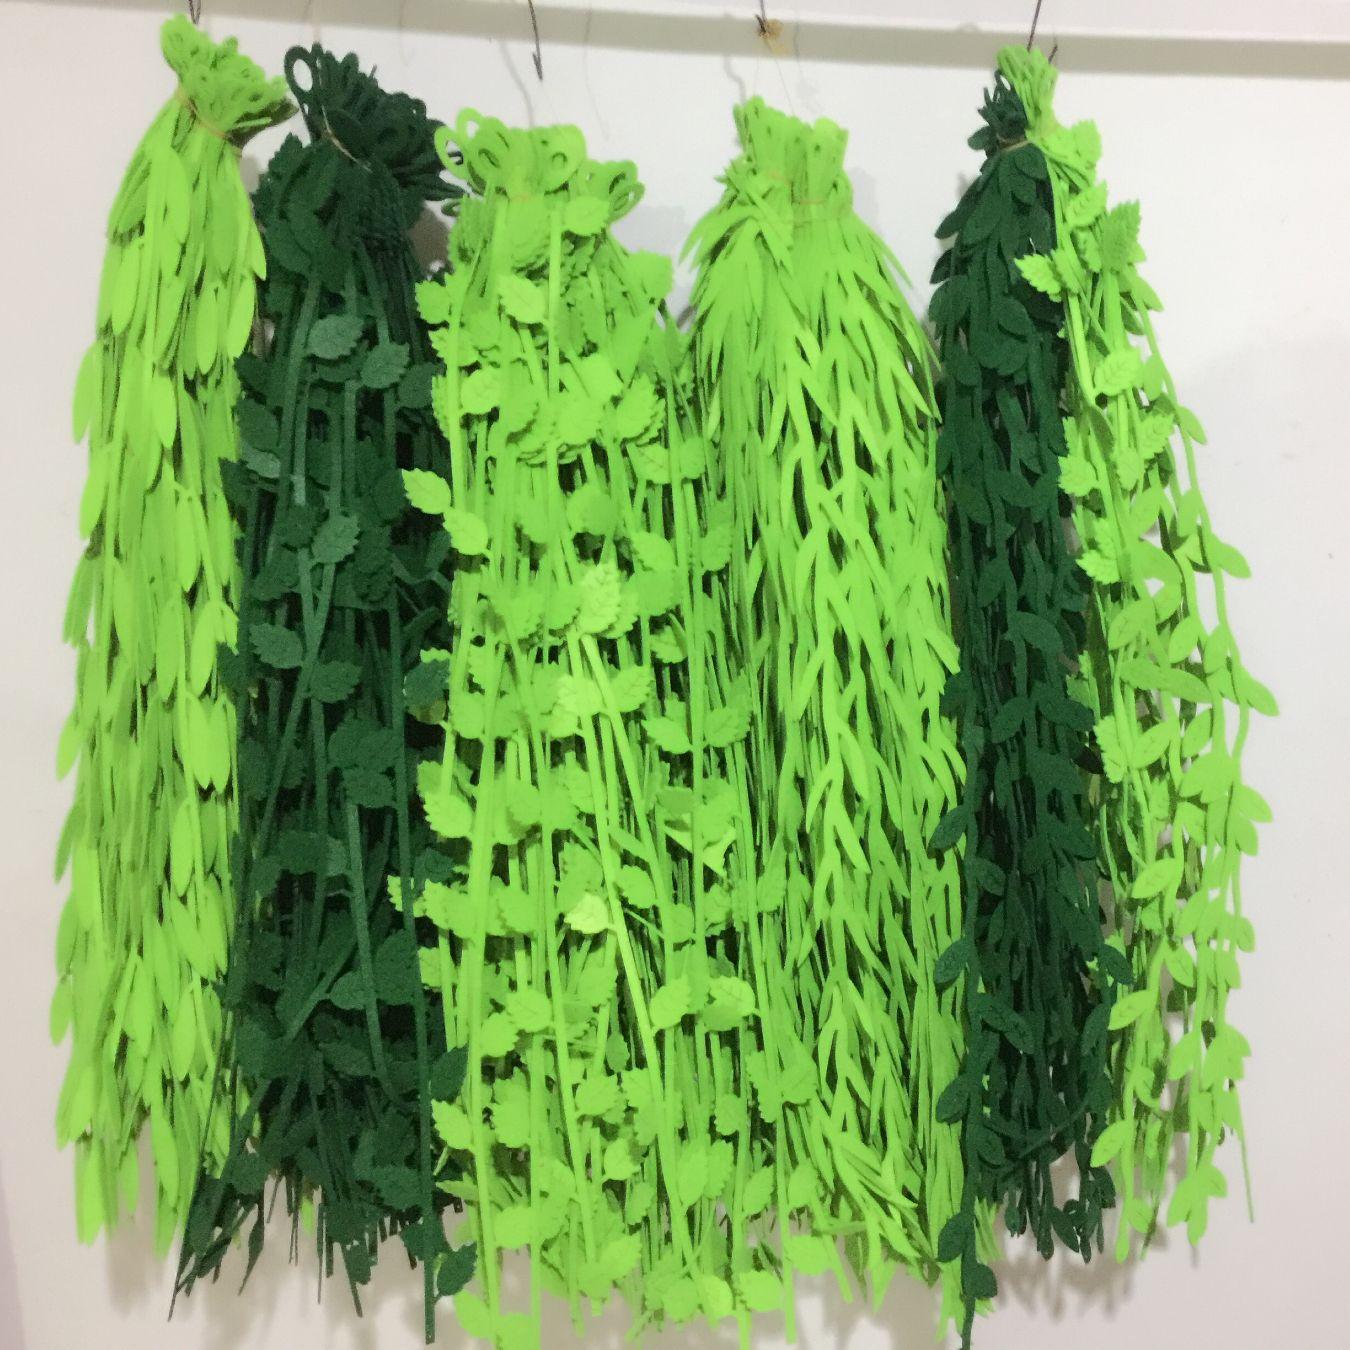 批发幼儿园 教室走廊挂饰 商场吊饰装饰 仿真树叶条柳条挂饰用品示例图1